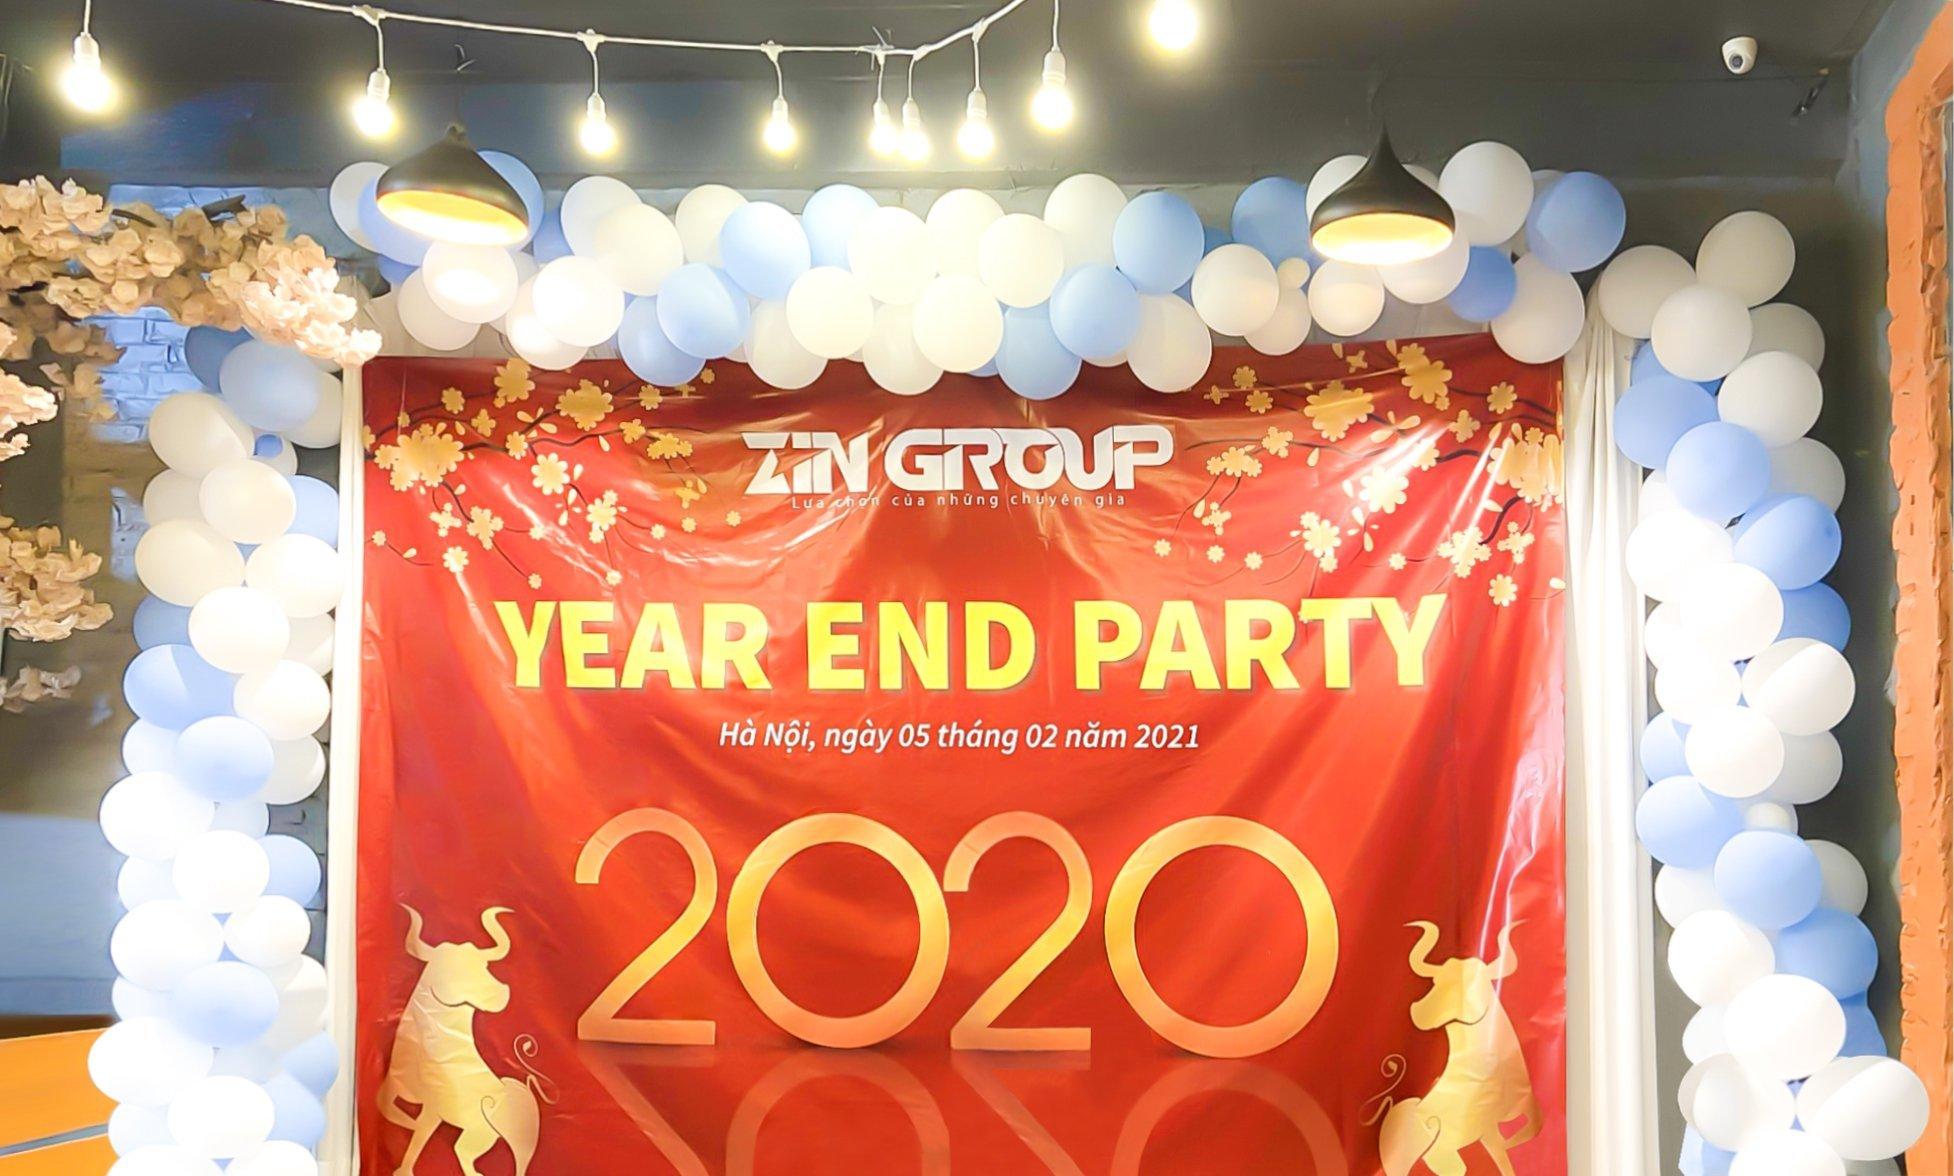 Year End Party 2020 Và Tầm Nhìn Lớn Mạnh Của ZinGroup Trong Năm 2021